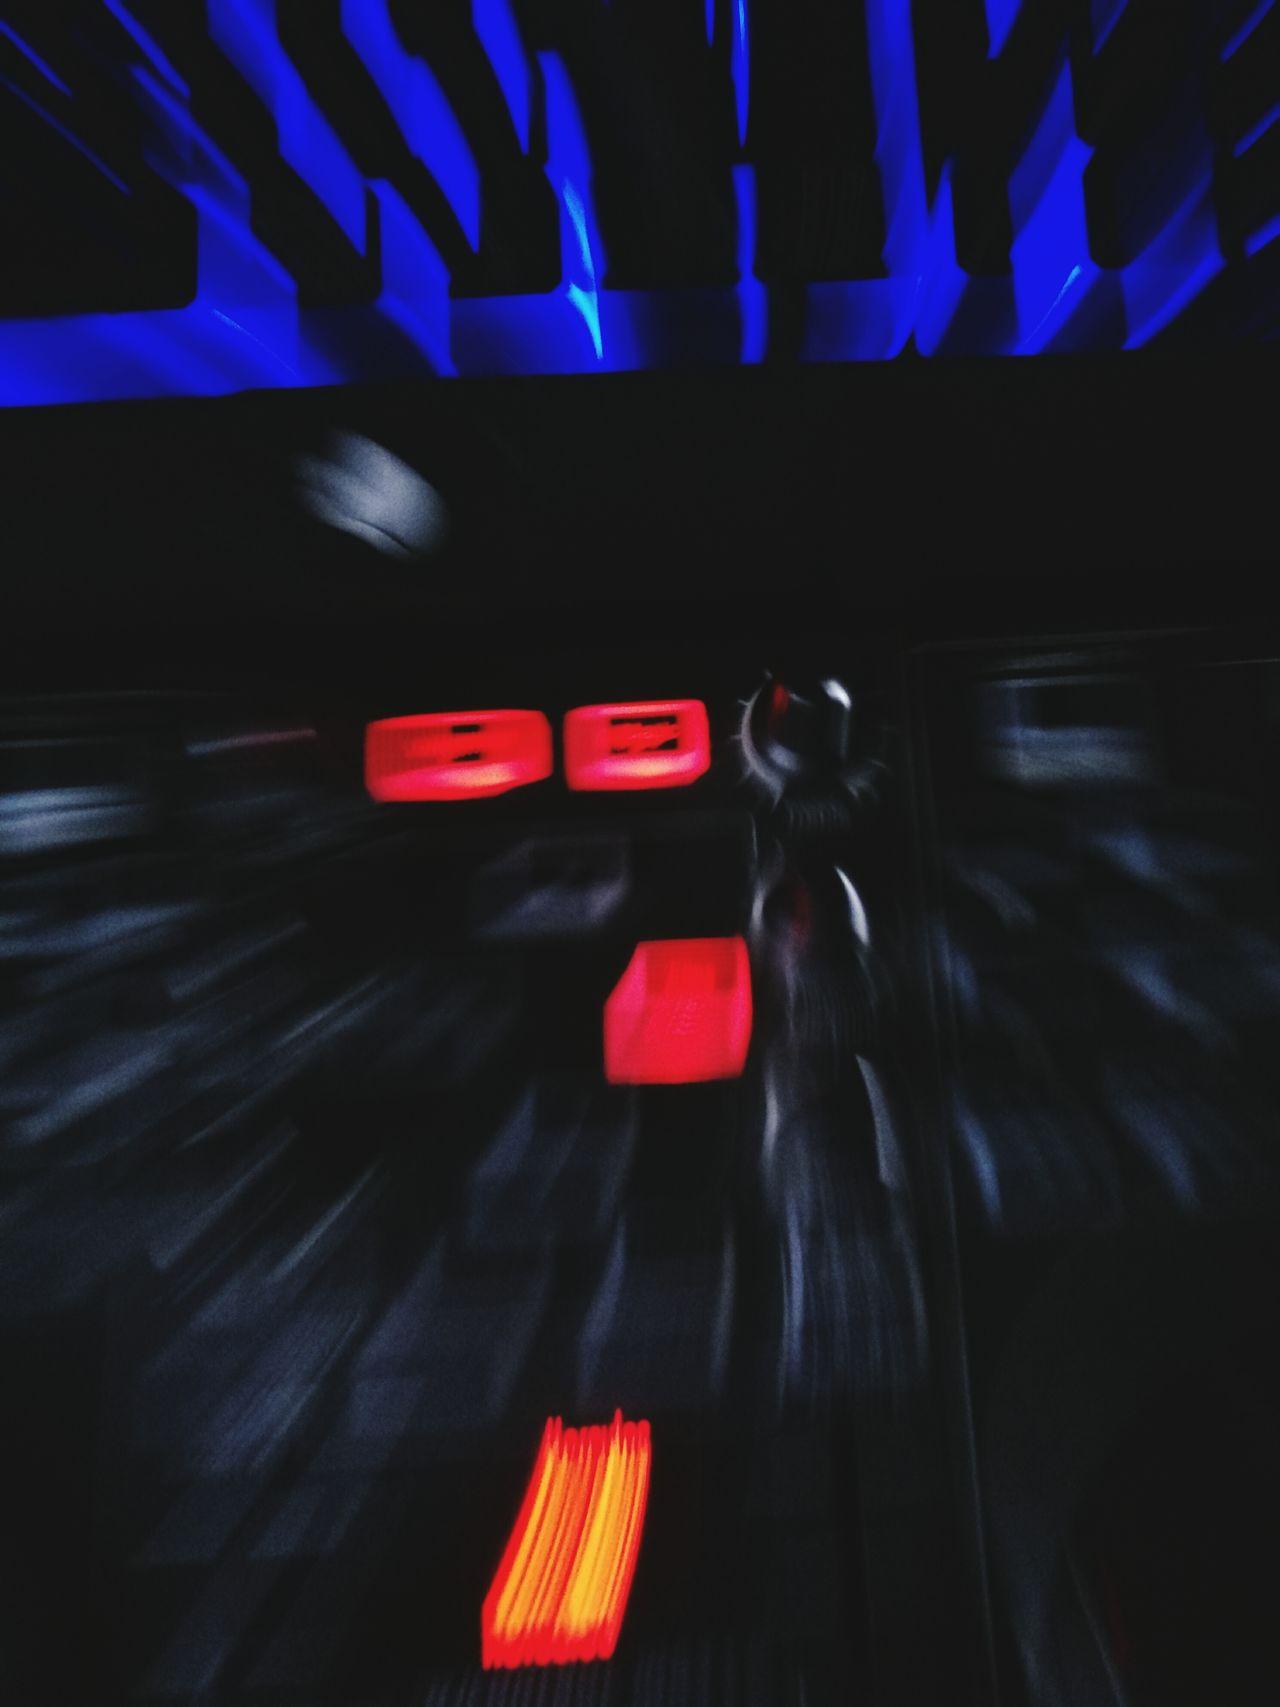 .DJ.Blurred Motion Motion Speed Red Illuminated Transportation Indoors  Tunnel Night No People Advisory Dj Set Hercules Dj Life Life In Motion Slow Happy Hardstyler Hardstyle Hardstyle \O/ Hardcorelife Hardcorefestival Yeahhh Solong Itsmondayagain